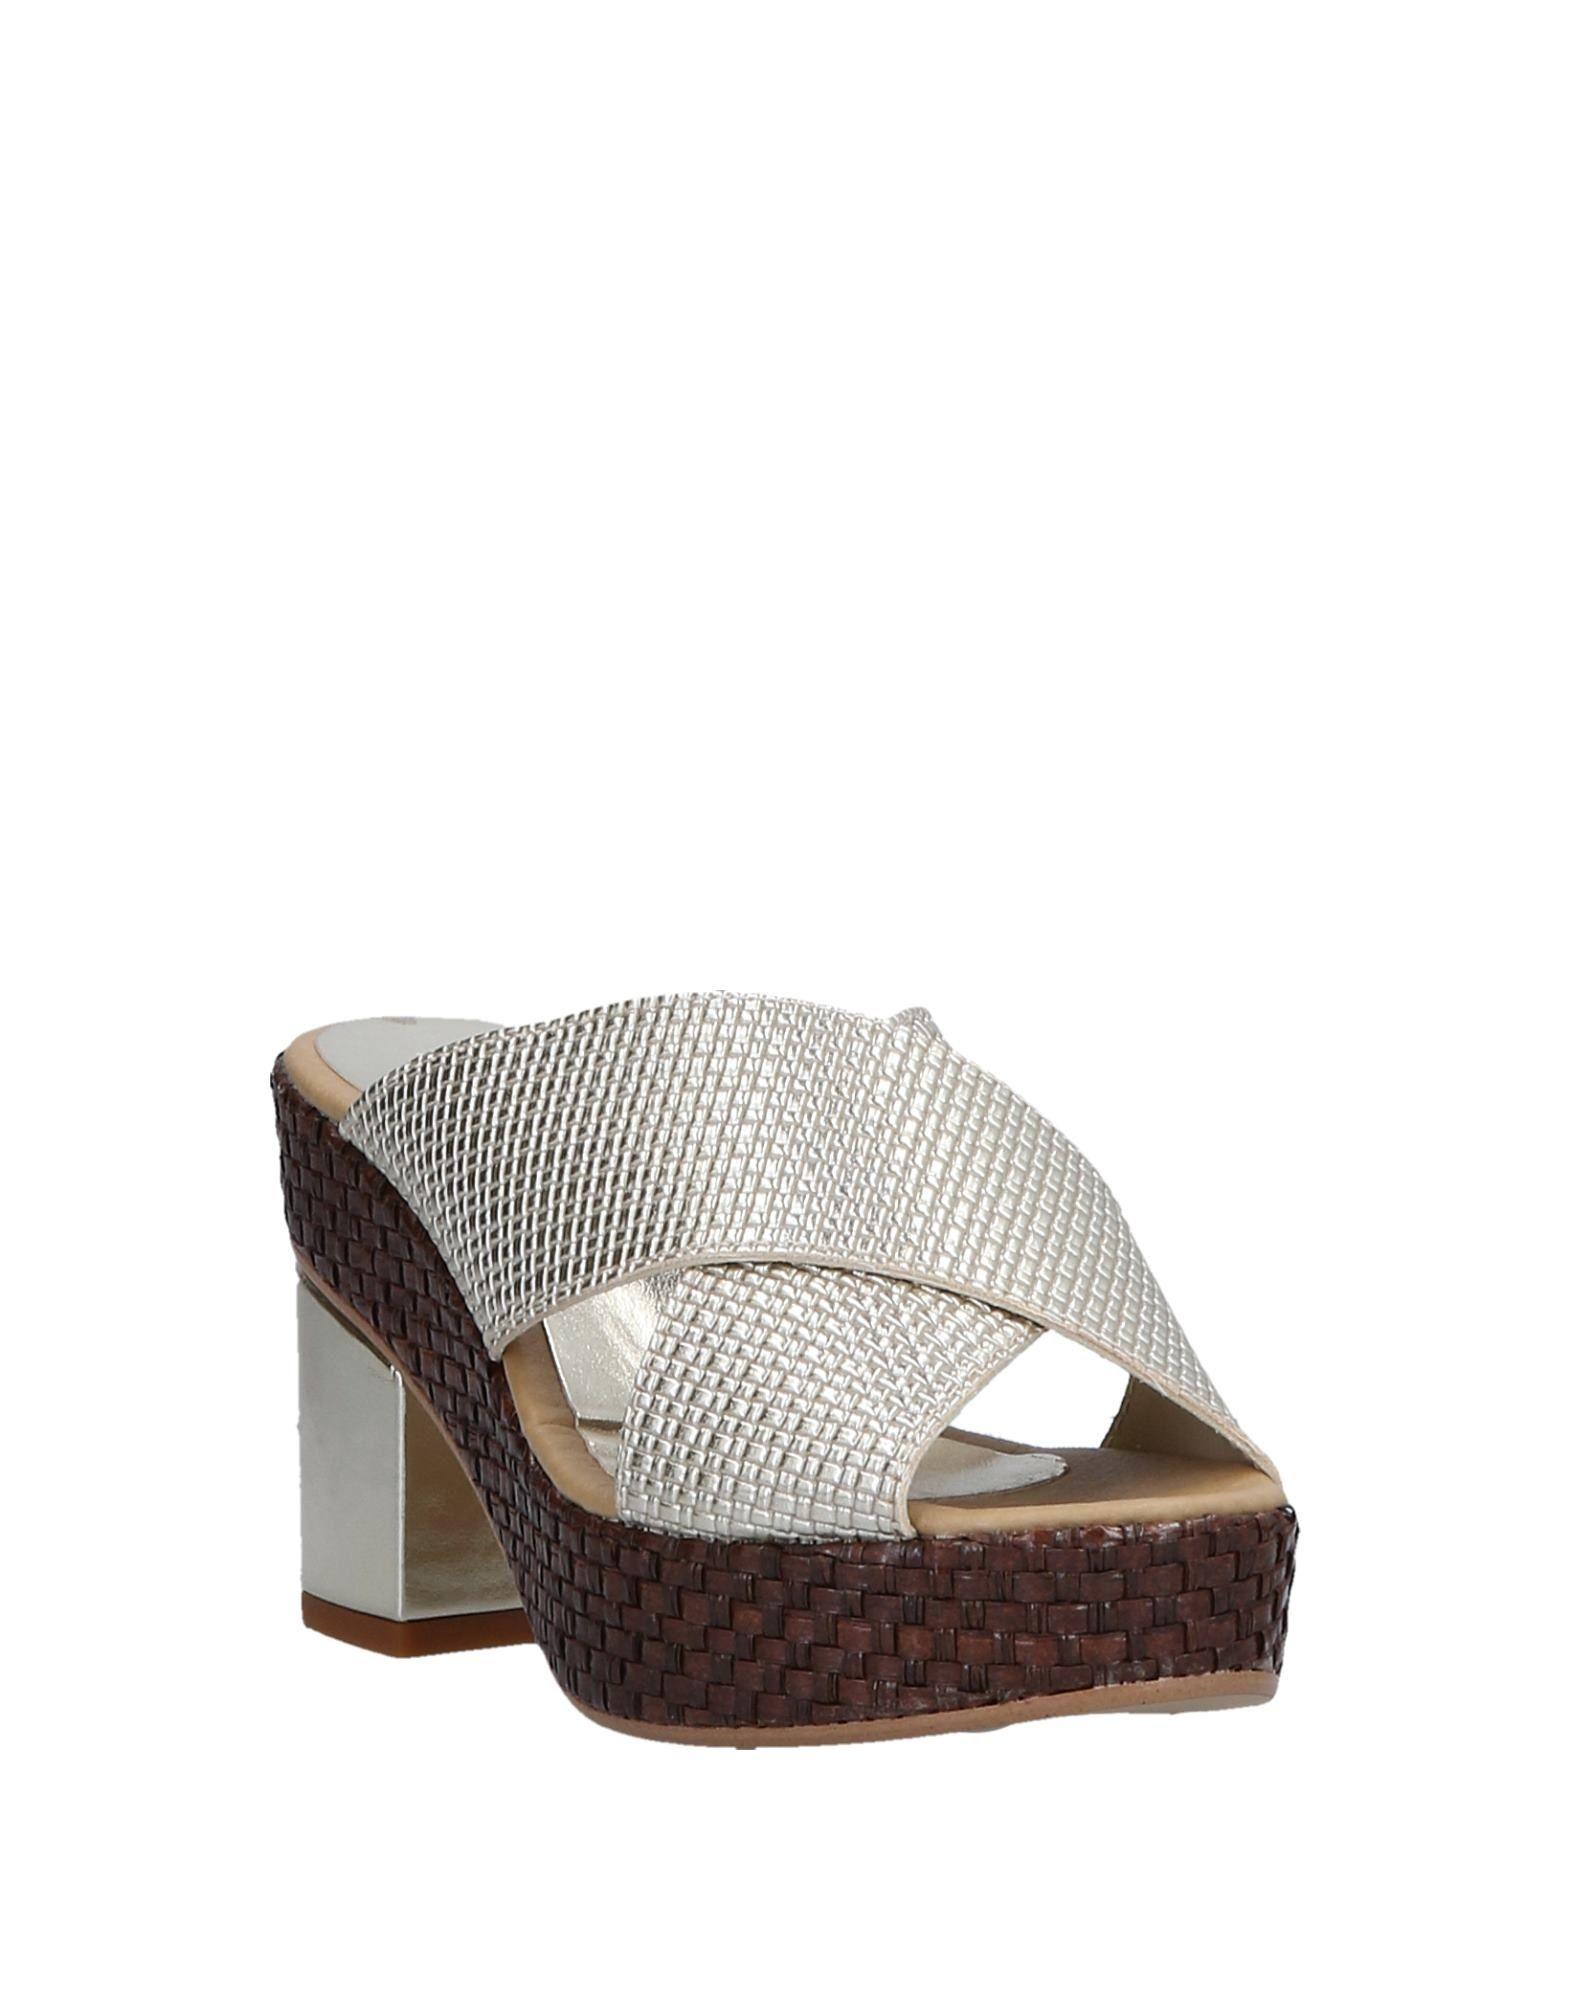 Sara Sandalen Damen  beliebte 11499715GC Gute Qualität beliebte  Schuhe 535c72